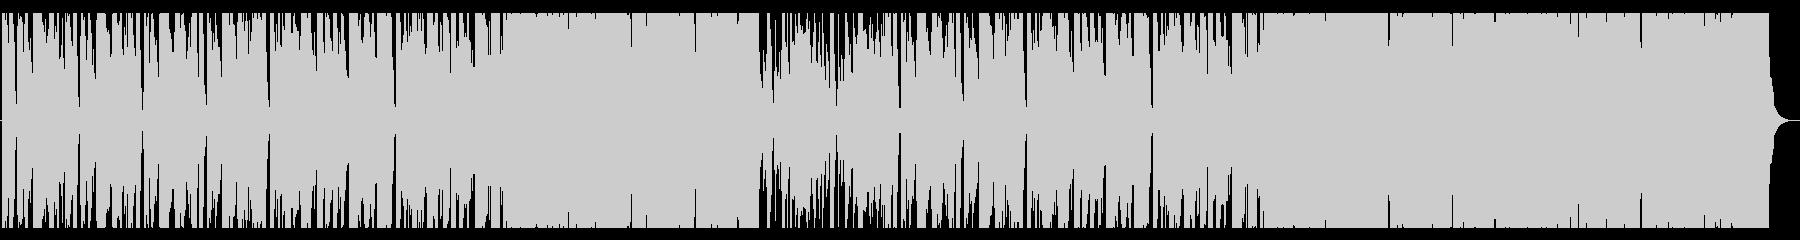 アップテンポなファンクテイストBGMの未再生の波形